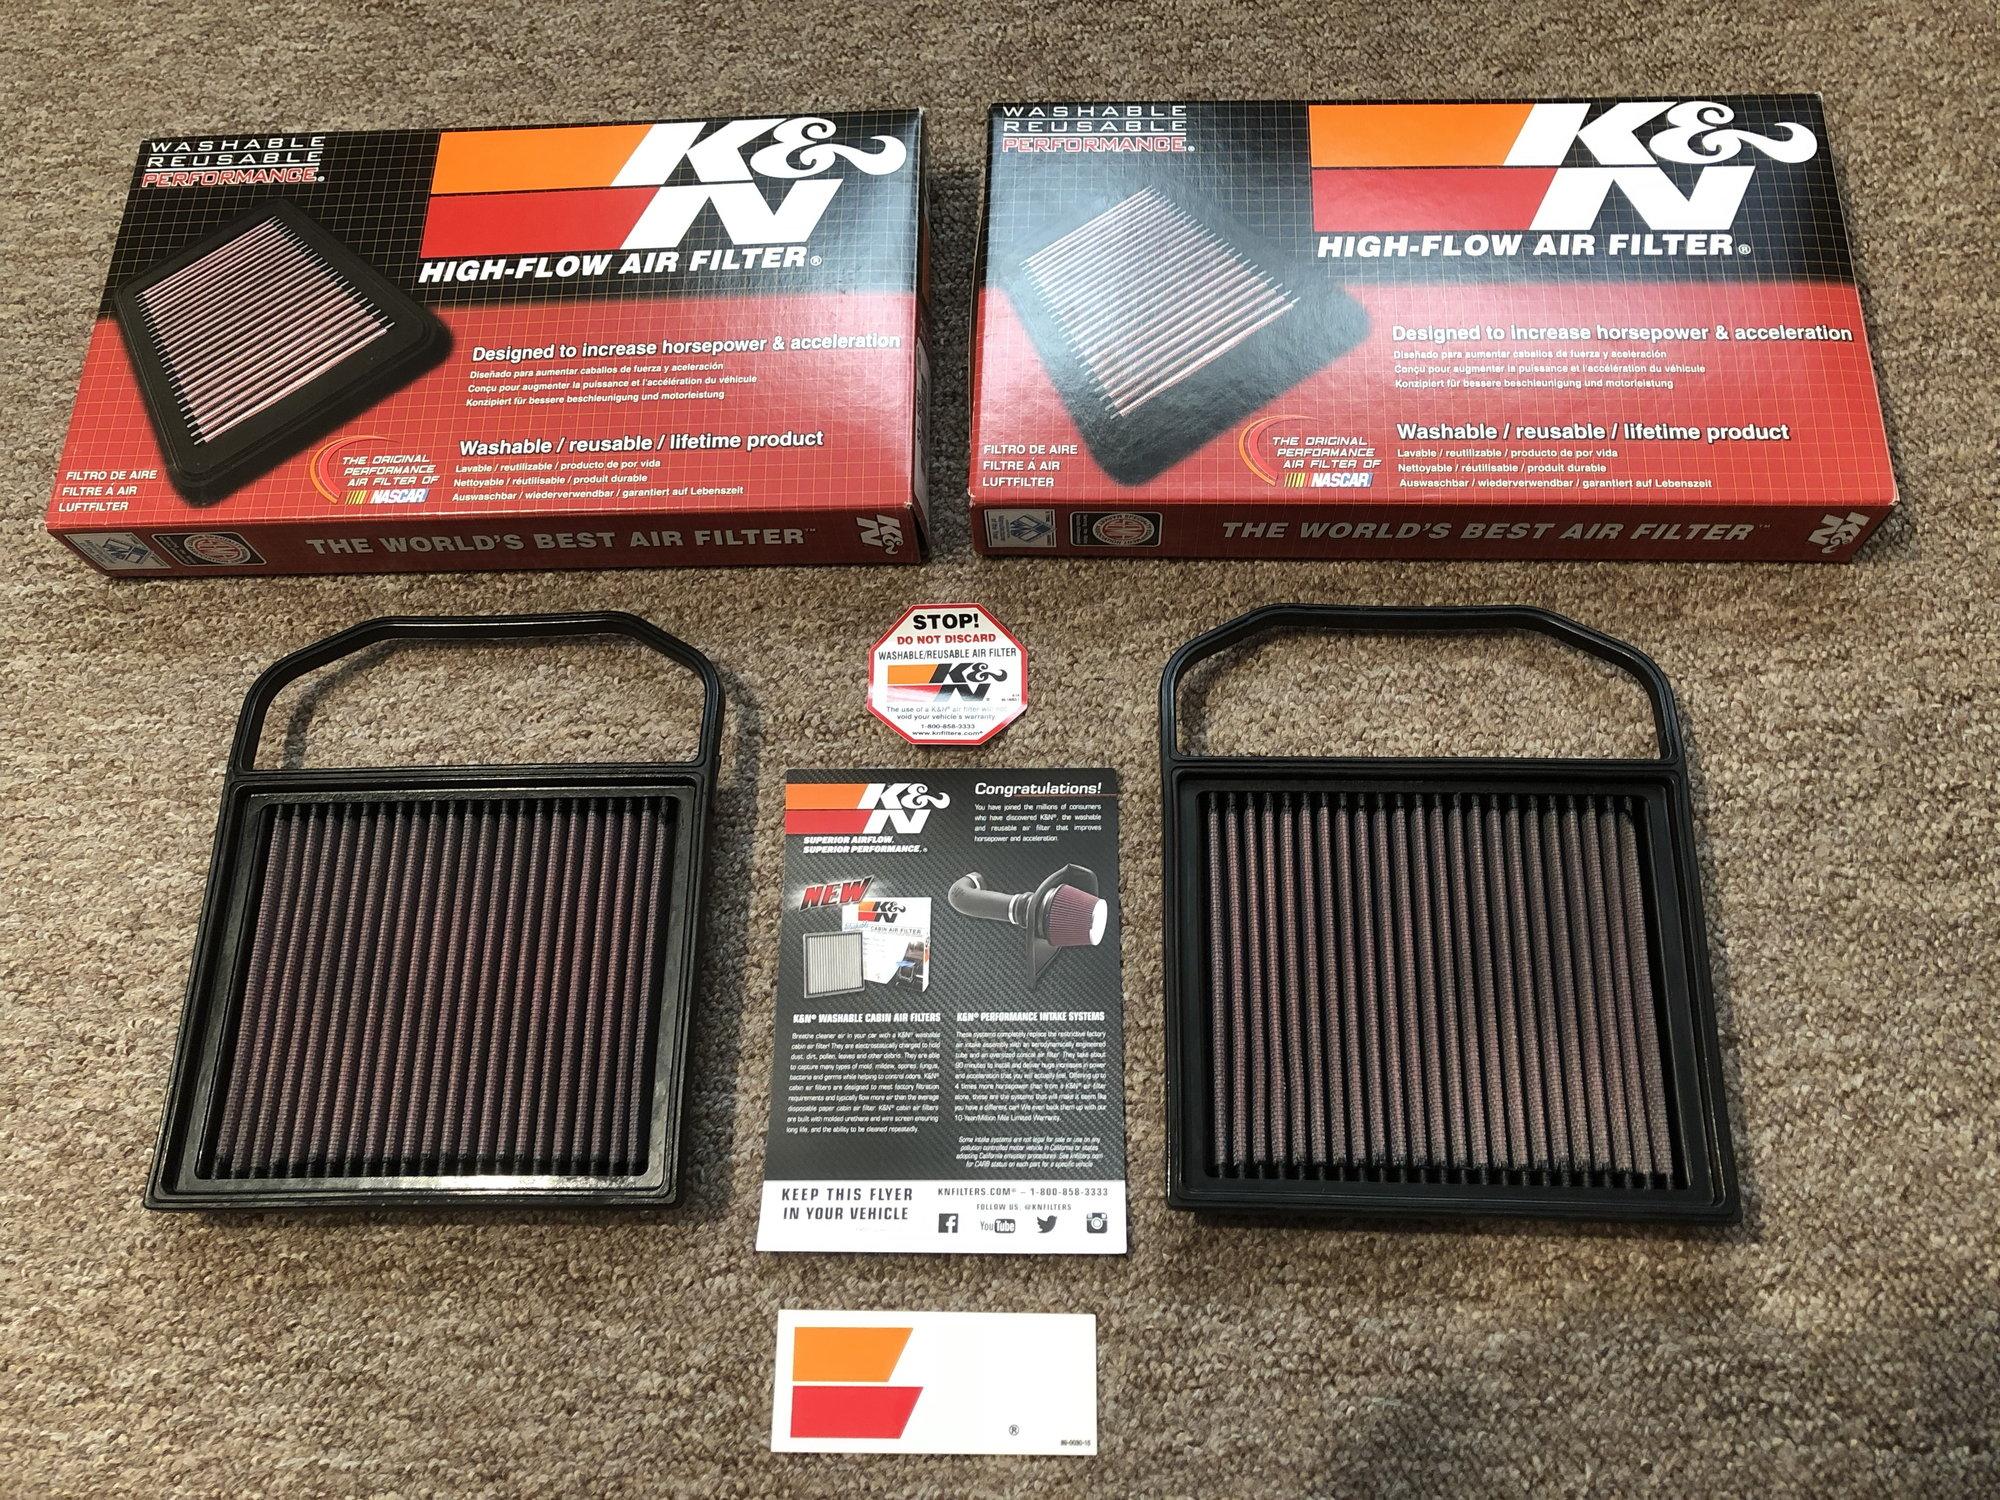 33-5032 Filtro de aire filtro k/&n filters